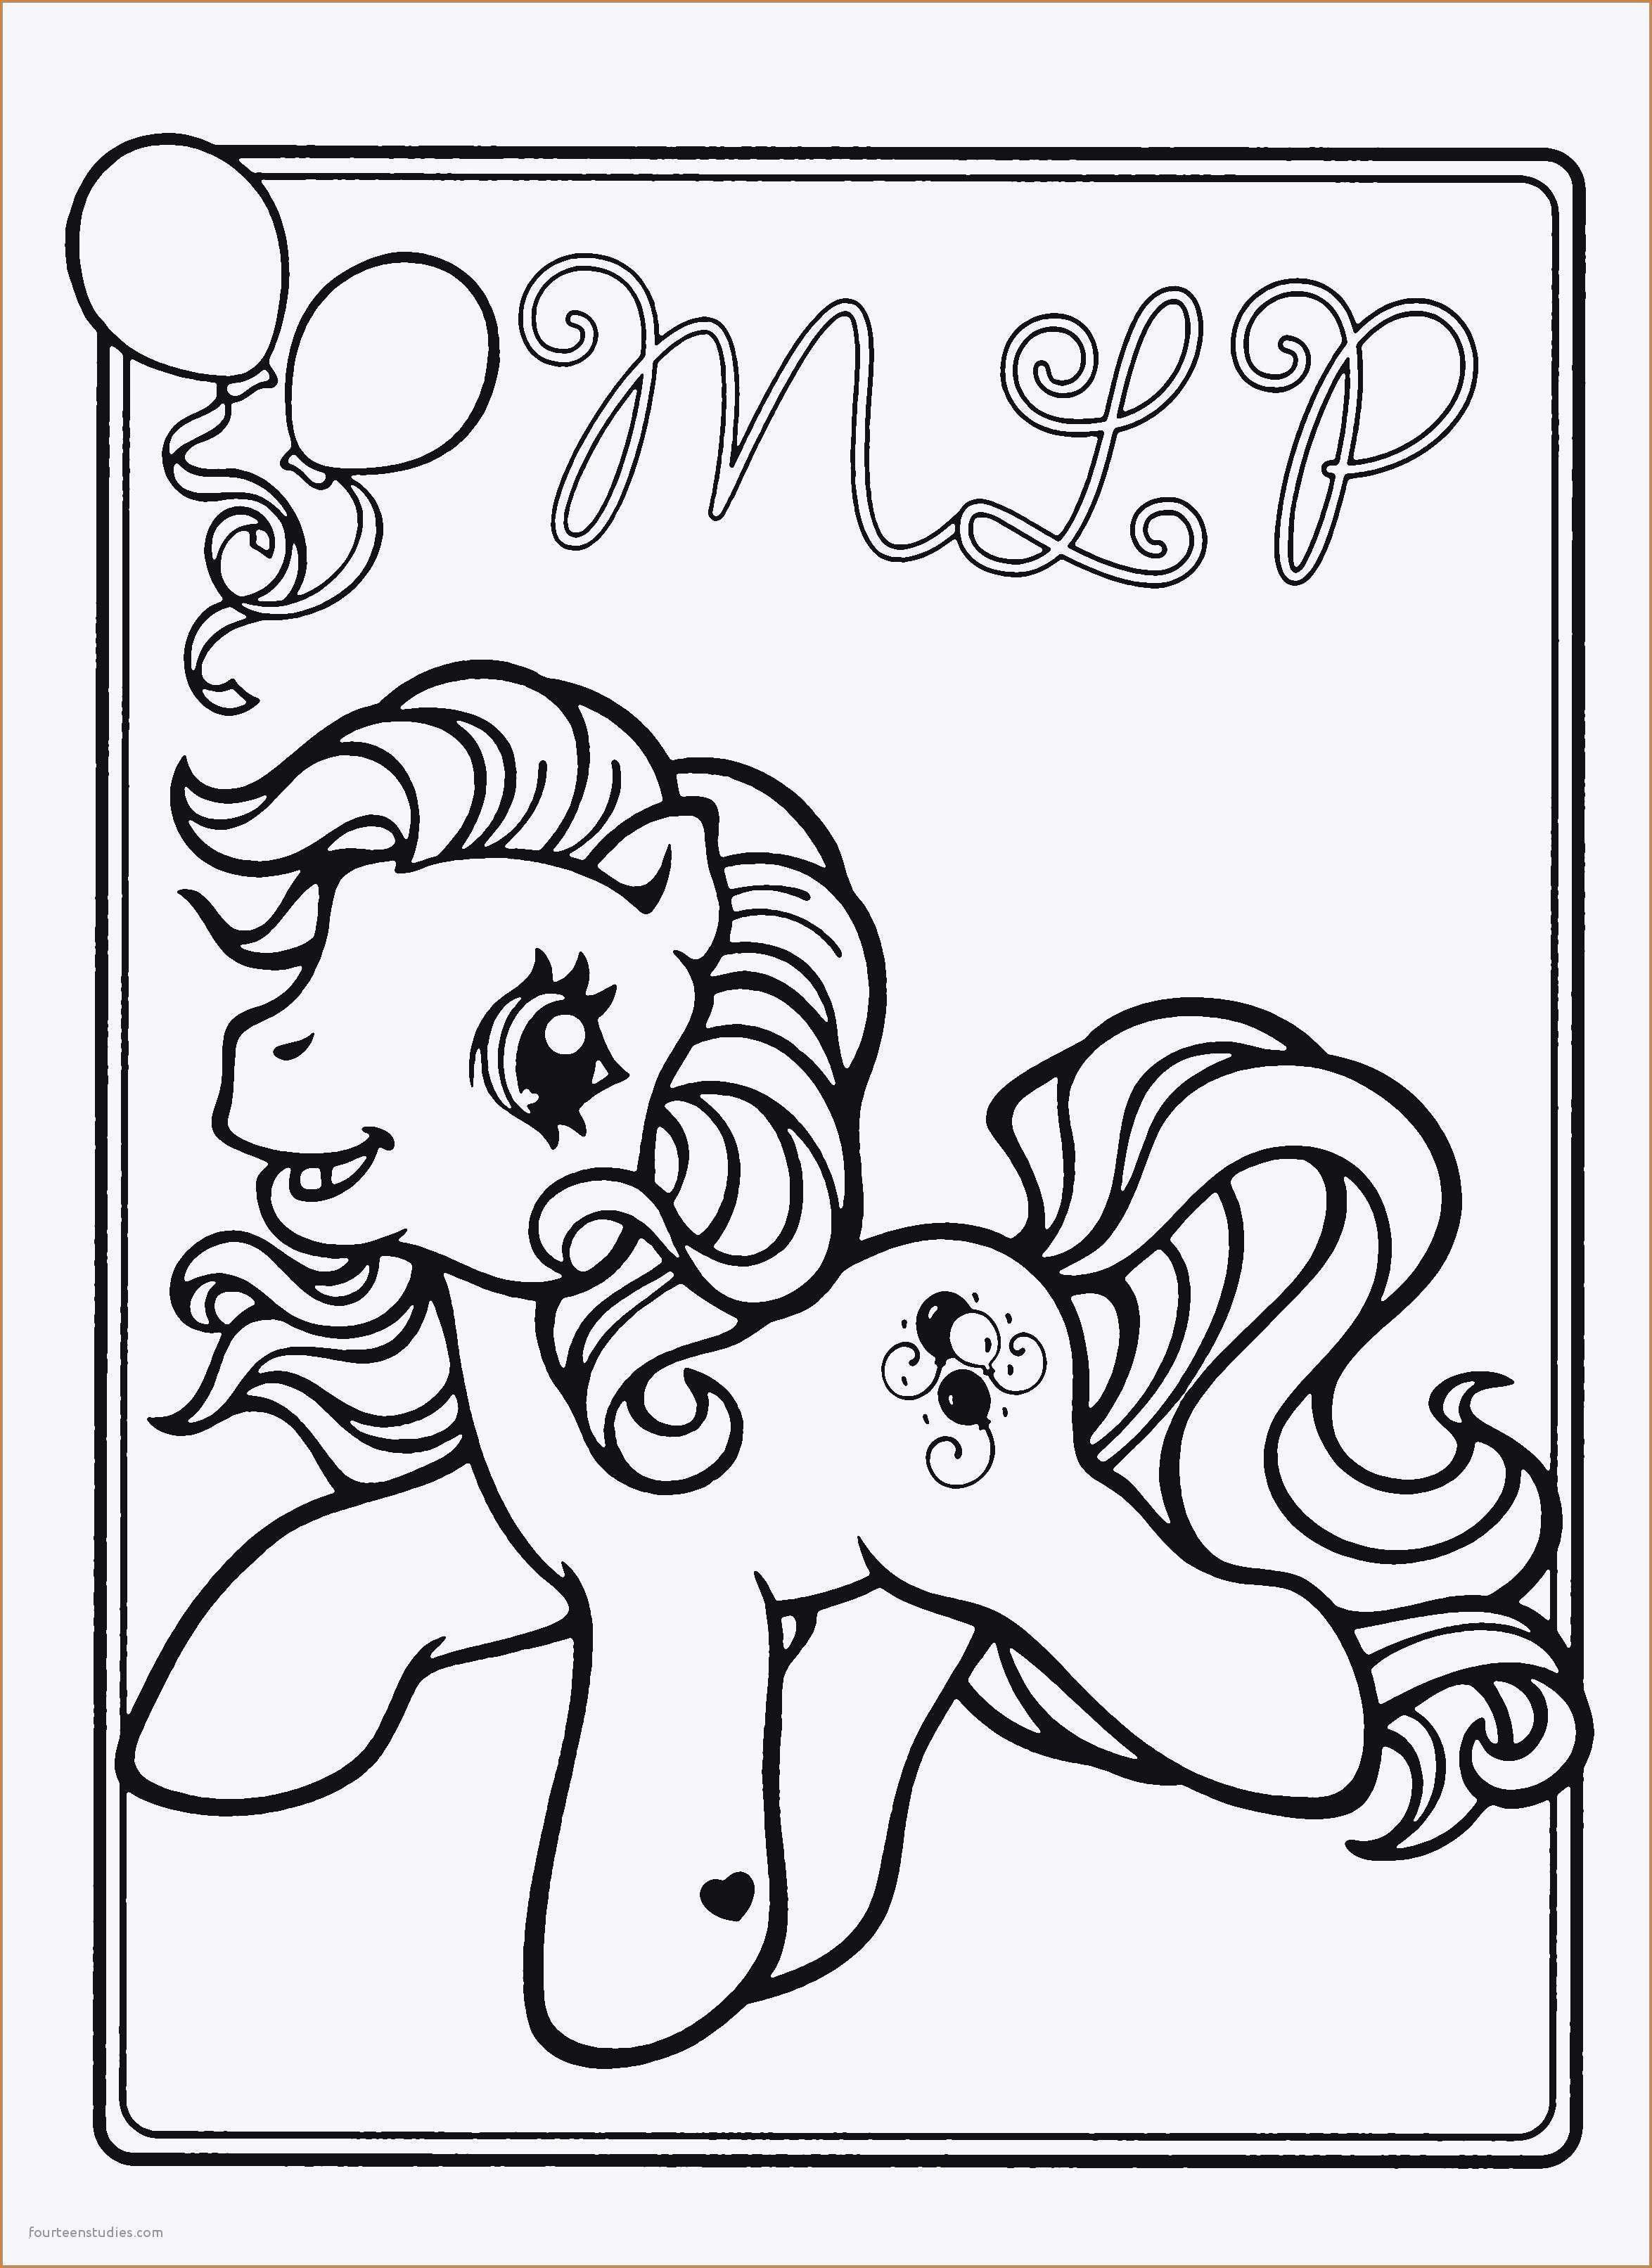 Ausmalbild My Little Pony Inspirierend Herunterladbare Malvorlagen Reizvolle 35 Ausmalbilder My Little Pony Fotos